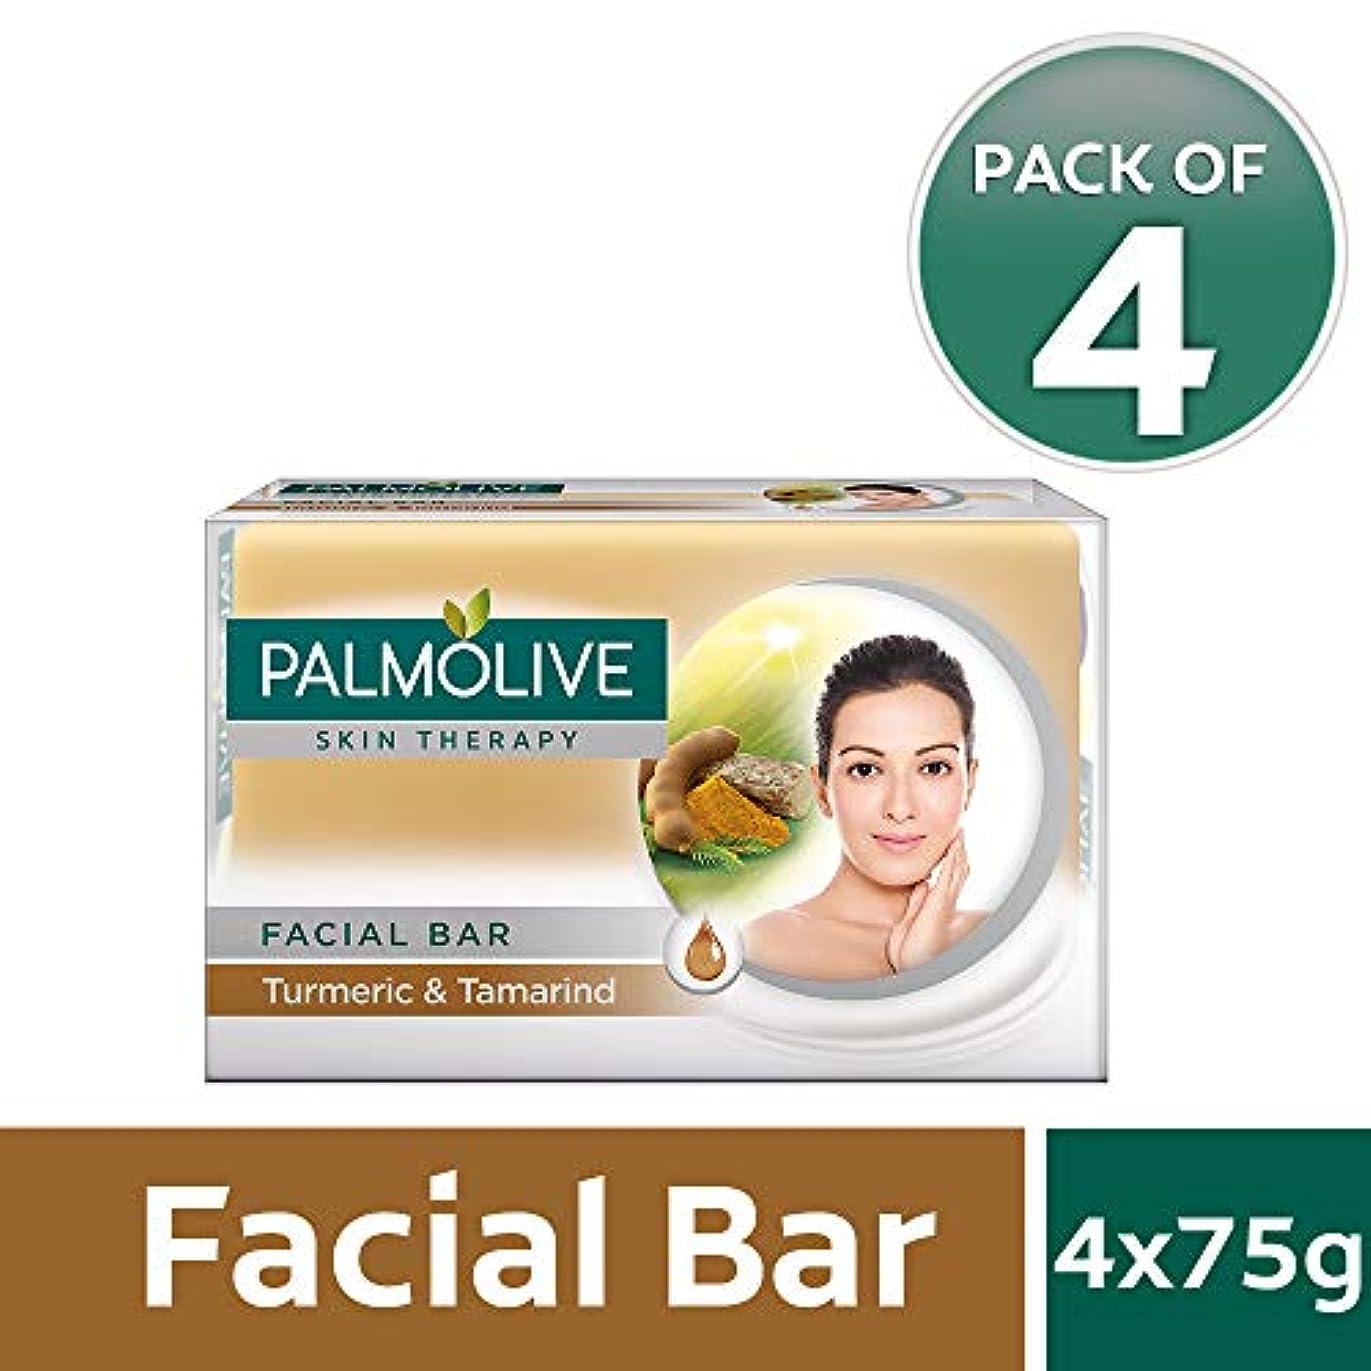 願う保守可能設置Palmolive Skin Therapy Facial Bar Soap with Turmeric and Tamarind - 75g (Pack of 4)